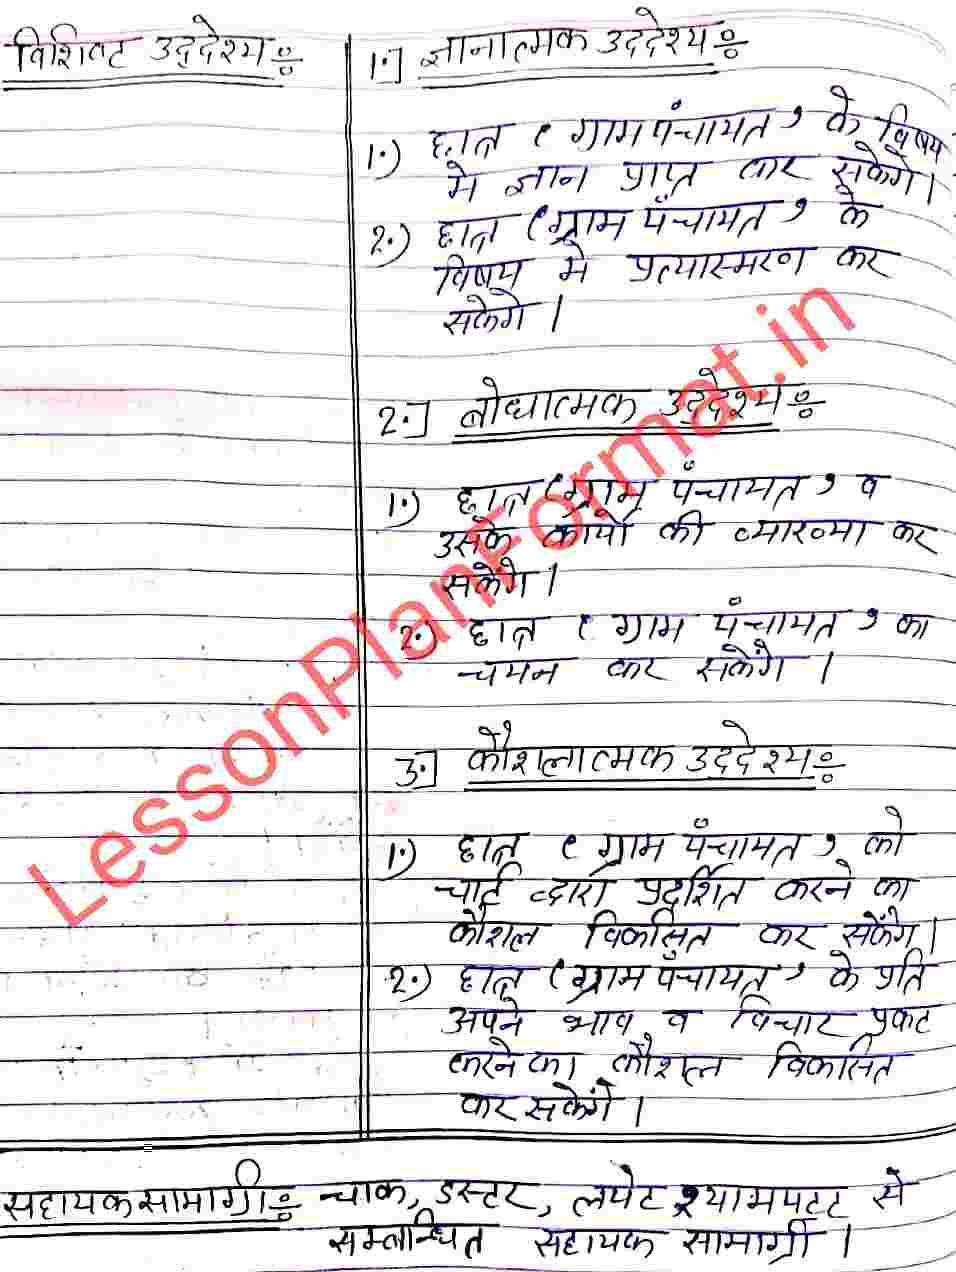 Nagrik Shastr Lesson Plan on Gram Panchayat